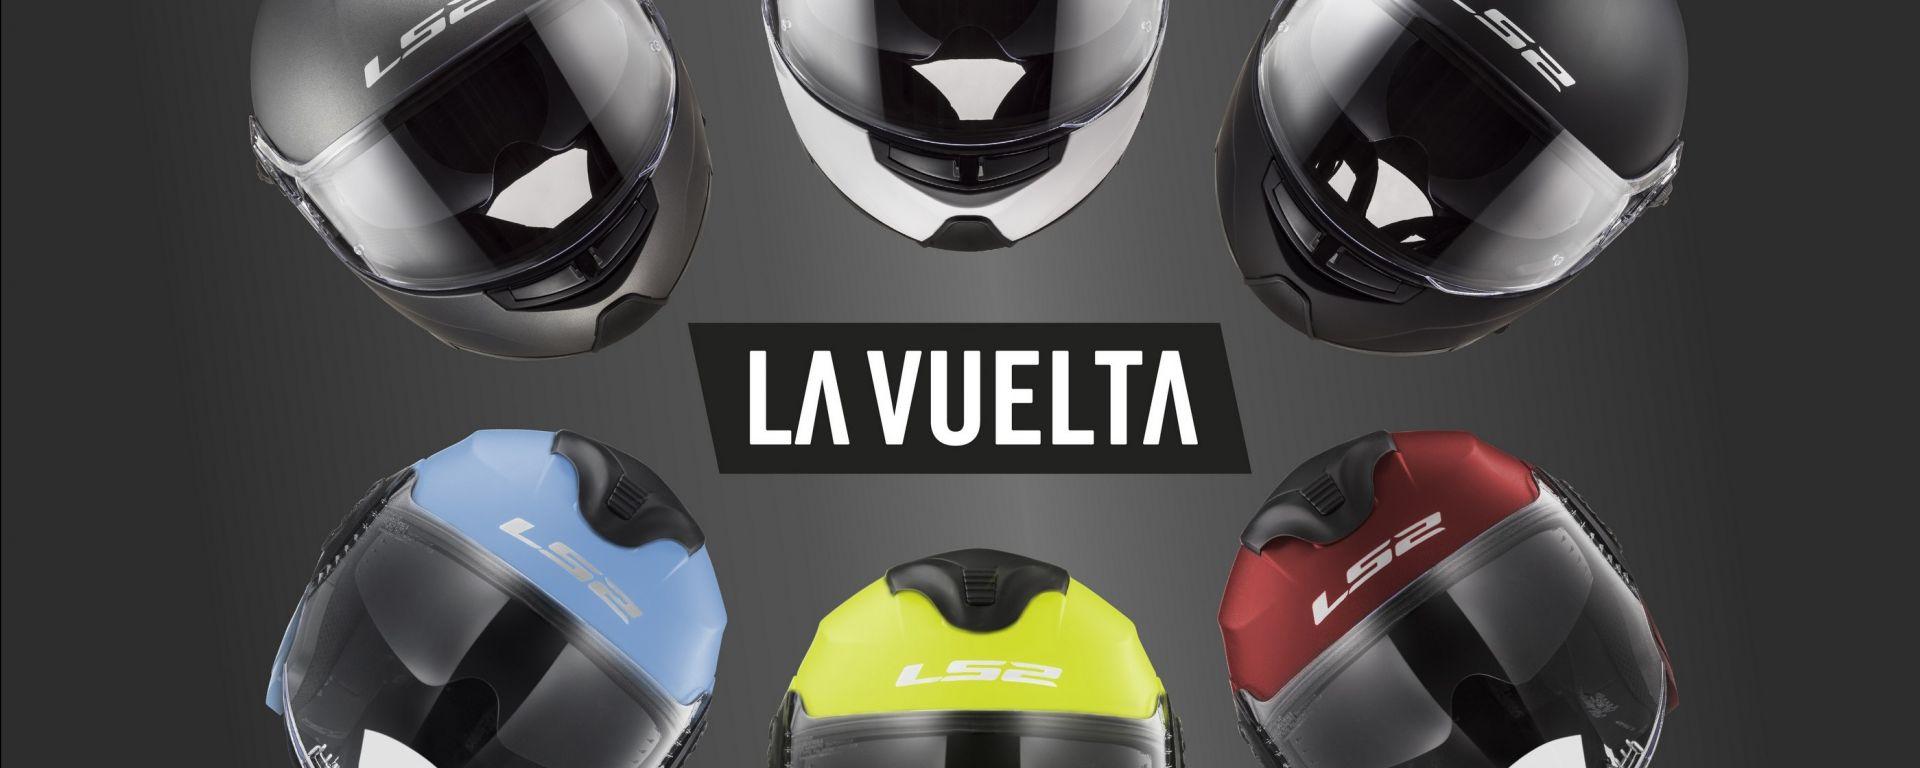 LS2: fornitore ufficiale della 73^ edizione di La Vuelta